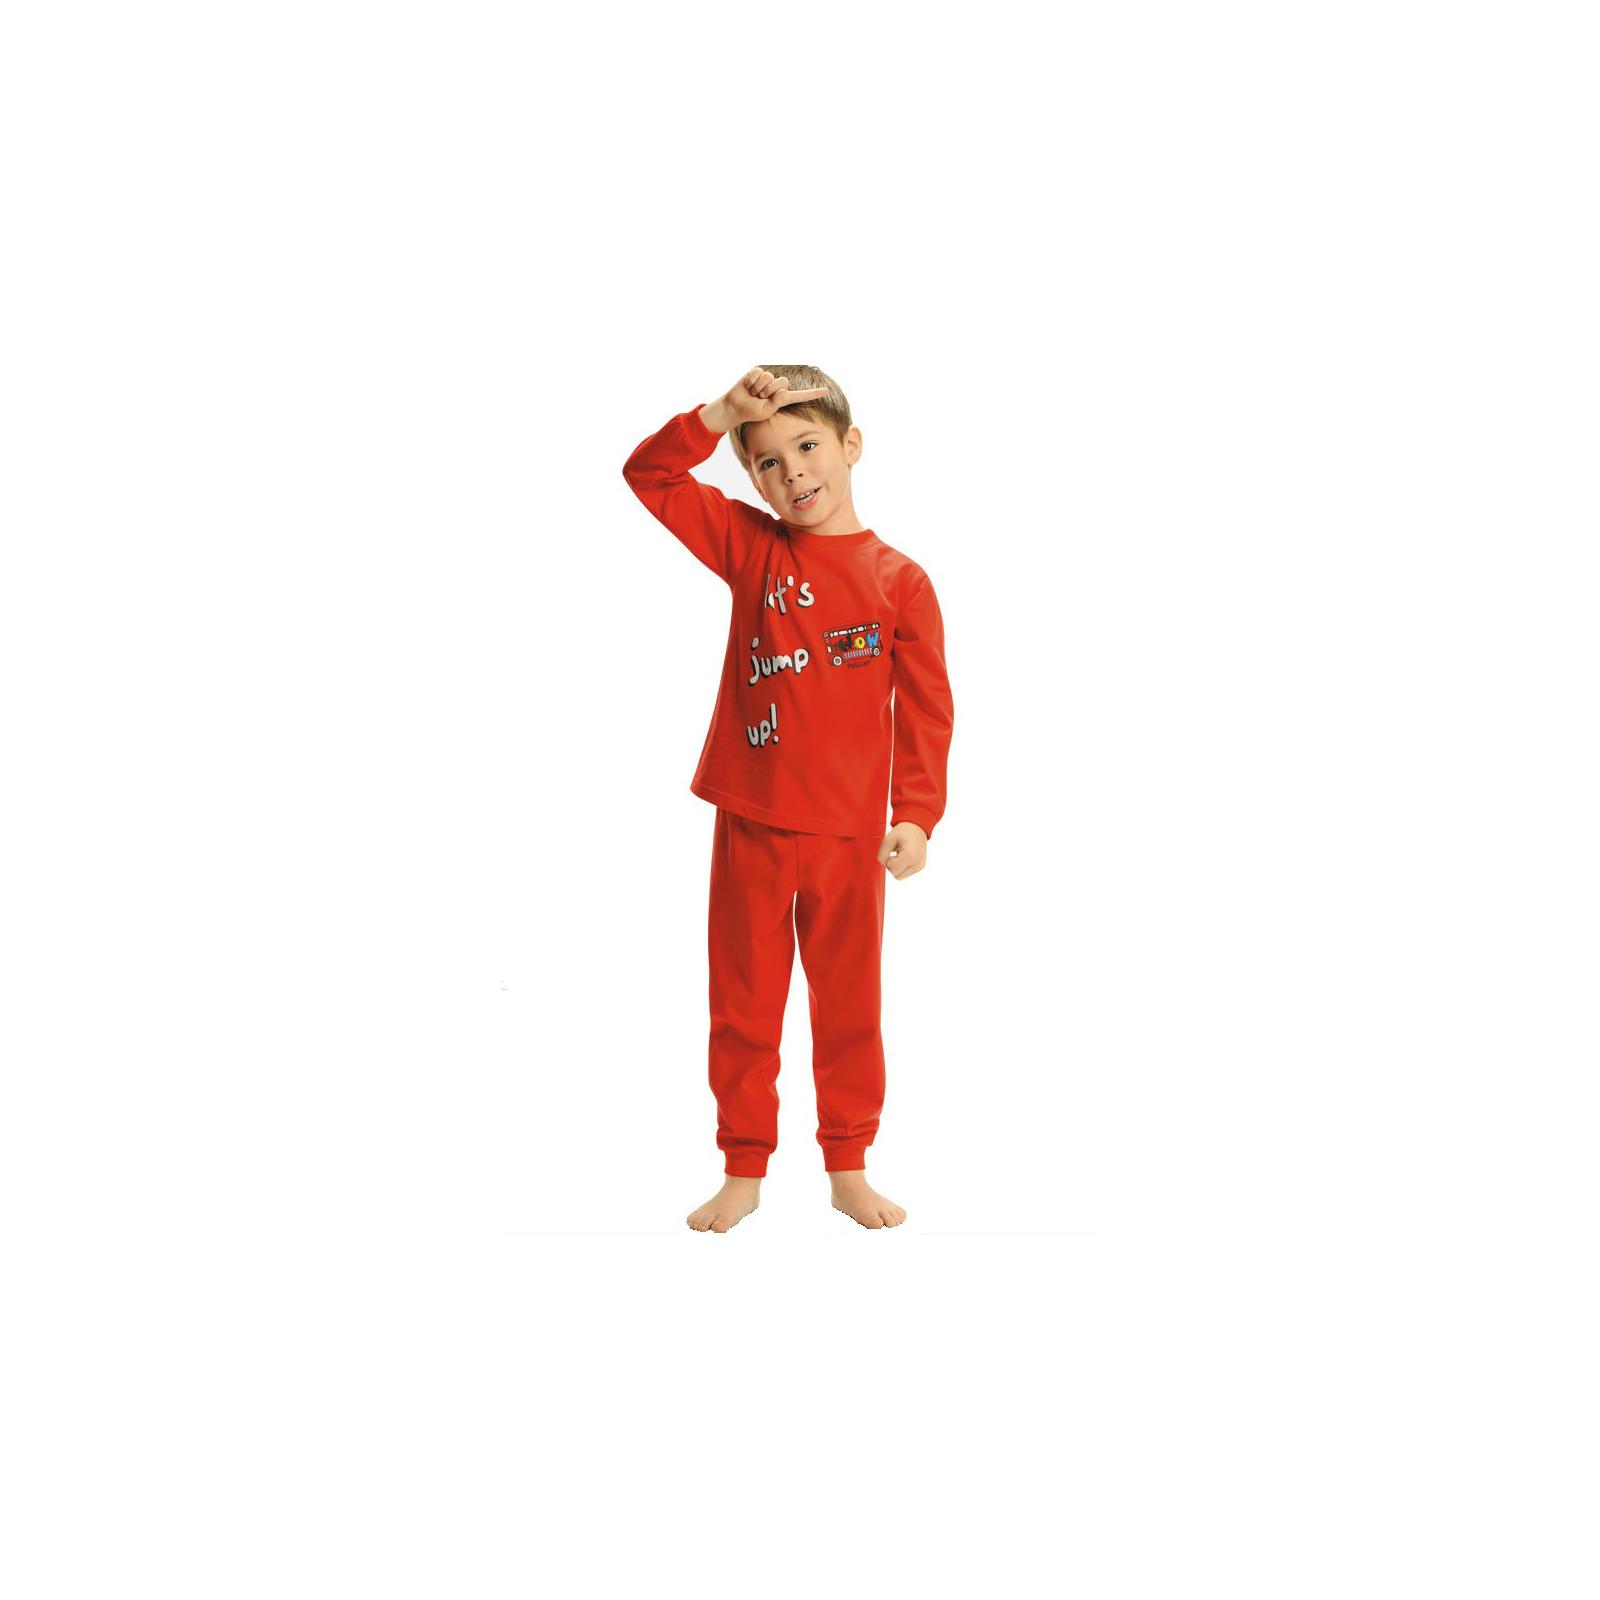 Пижама Pelican цвет Красный BNJP294 возраст 18-24 мес.